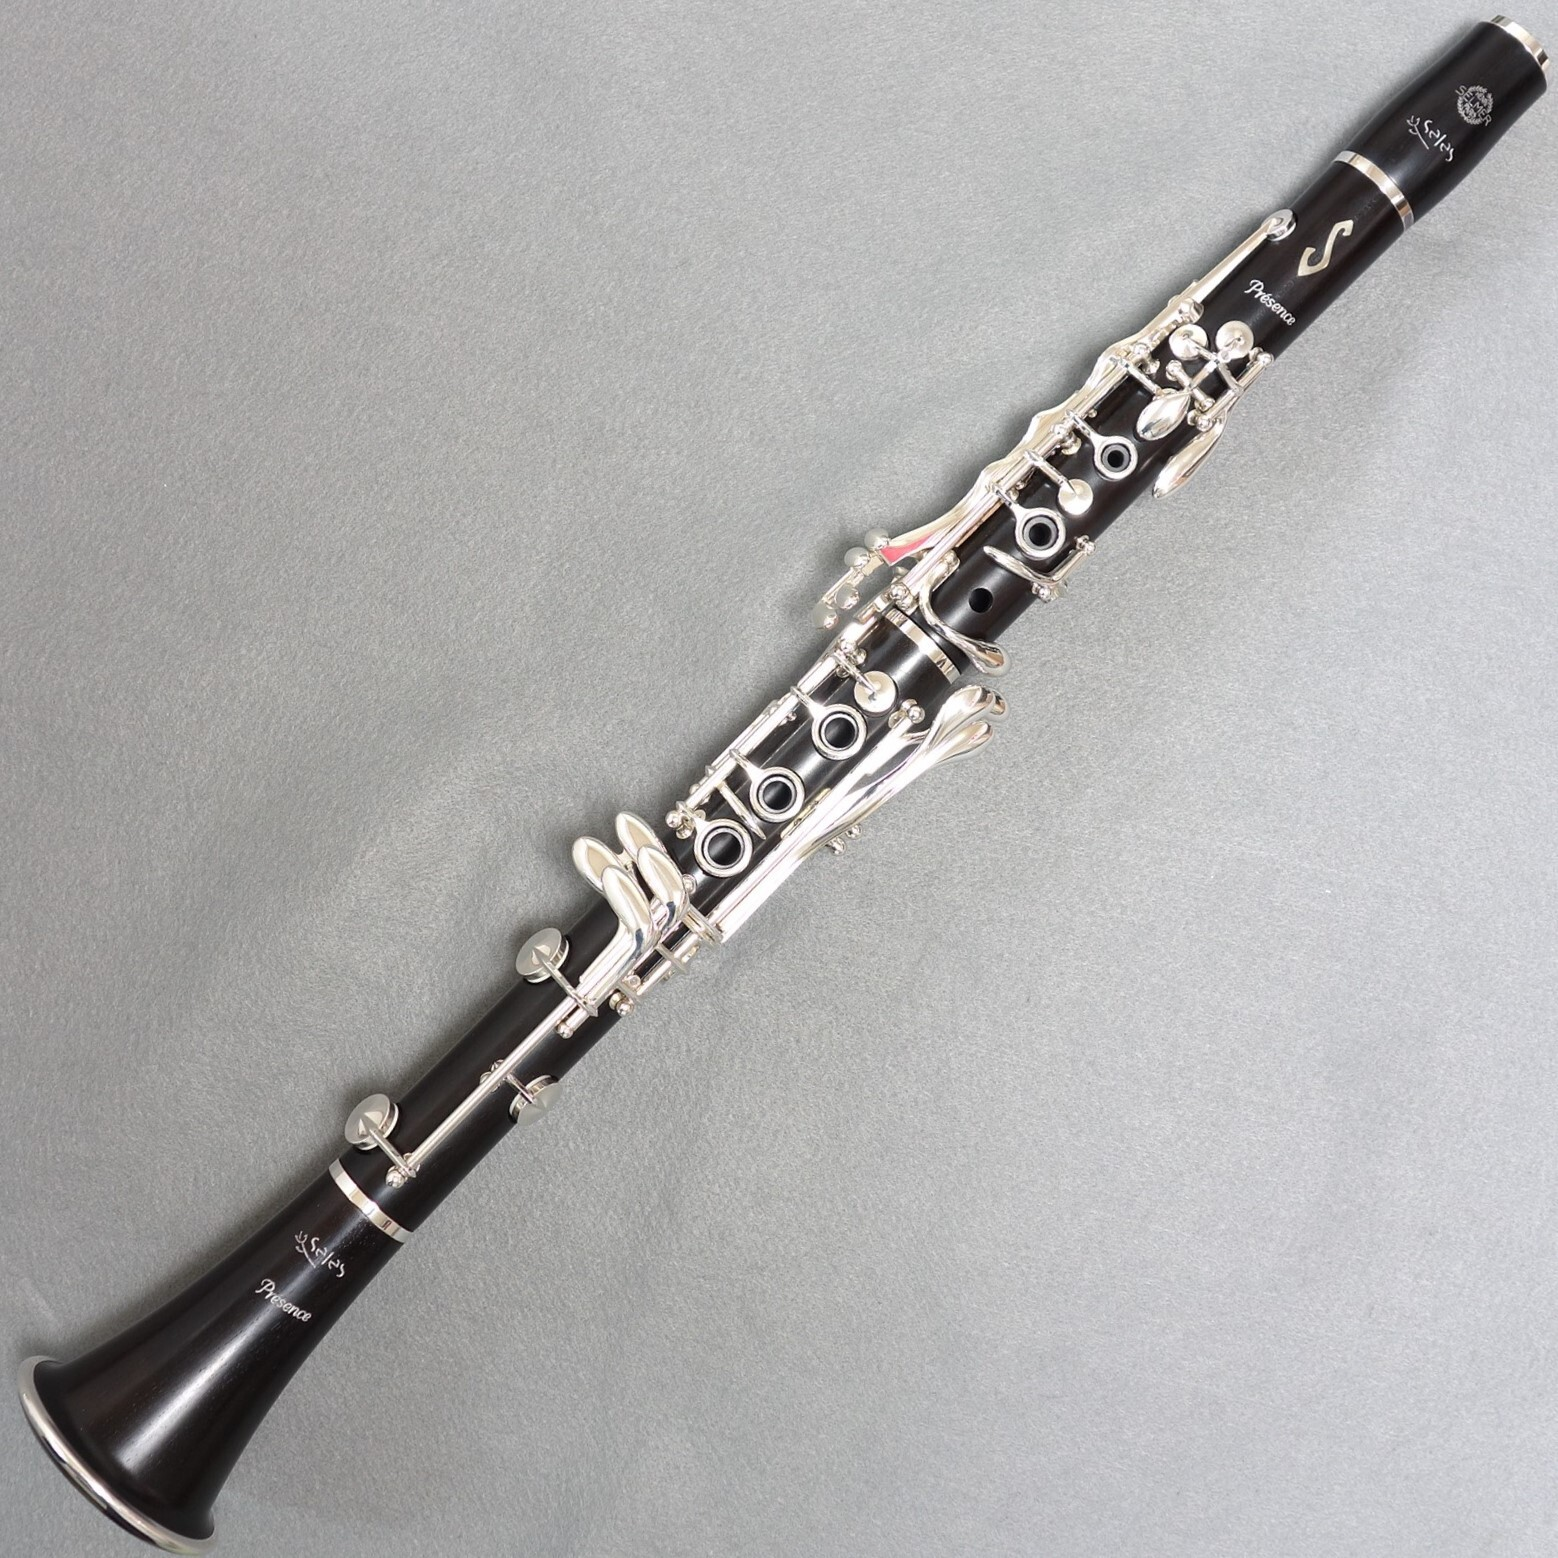 【送料無料】【SELMER Paris】セルマー B♭クラリネット 【Presence -プレザンス-】新品 管楽器